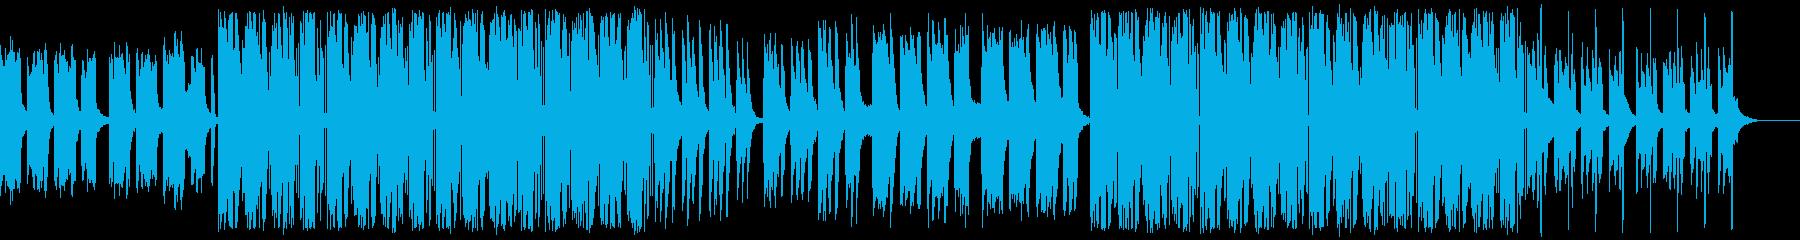 エレクトロポップ、フューチャー、EDM系の再生済みの波形